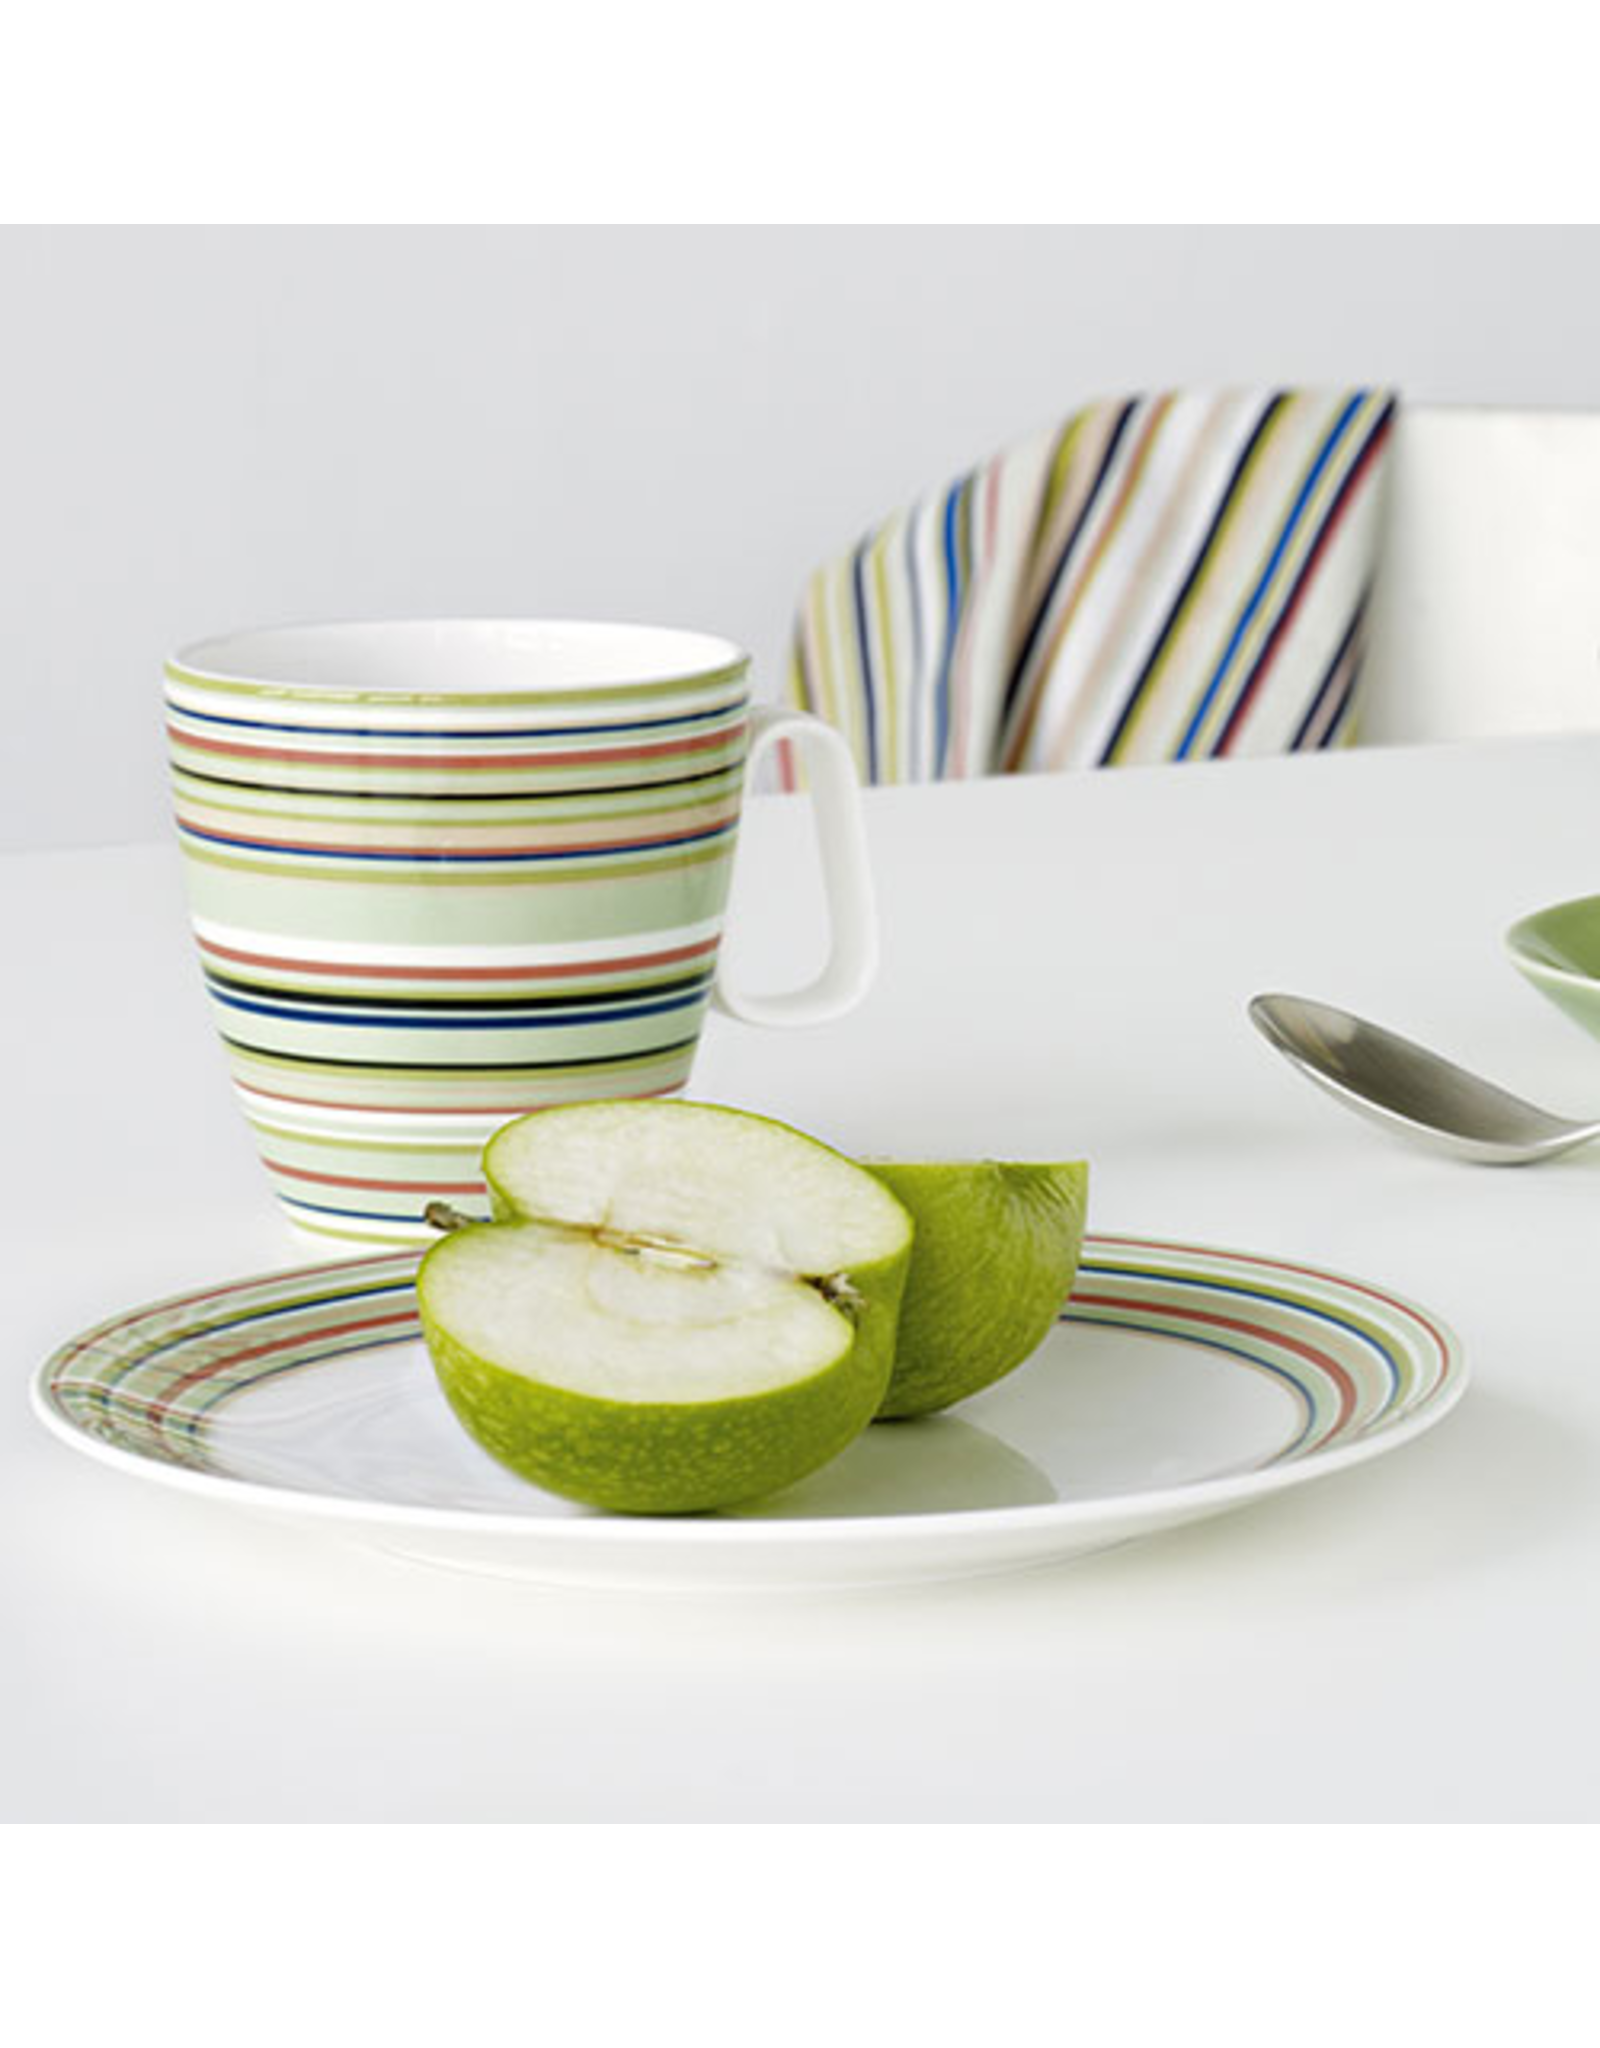 ORIGO 綠色餐具